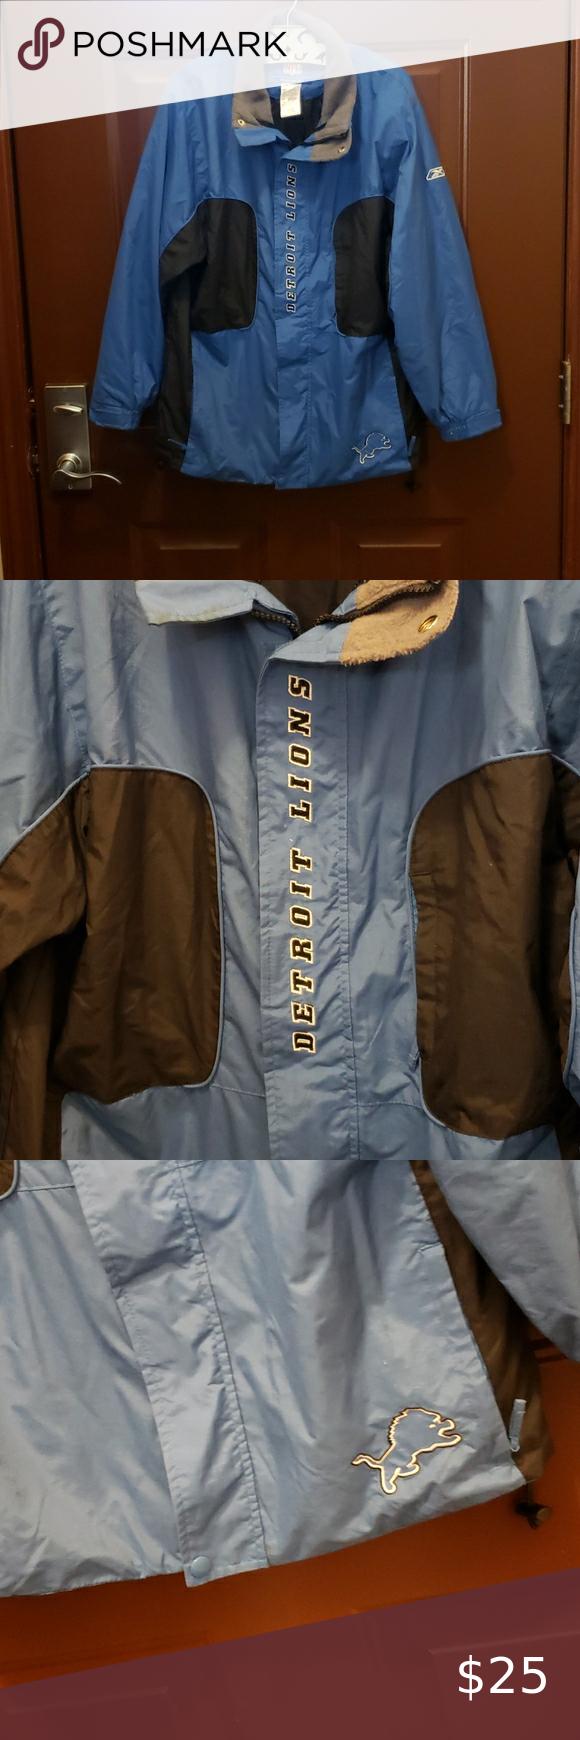 Detroit Lions Nfl Reebok Authentic Team Jacket Team Jackets Warm Jacket Jackets For Women [ 1740 x 580 Pixel ]